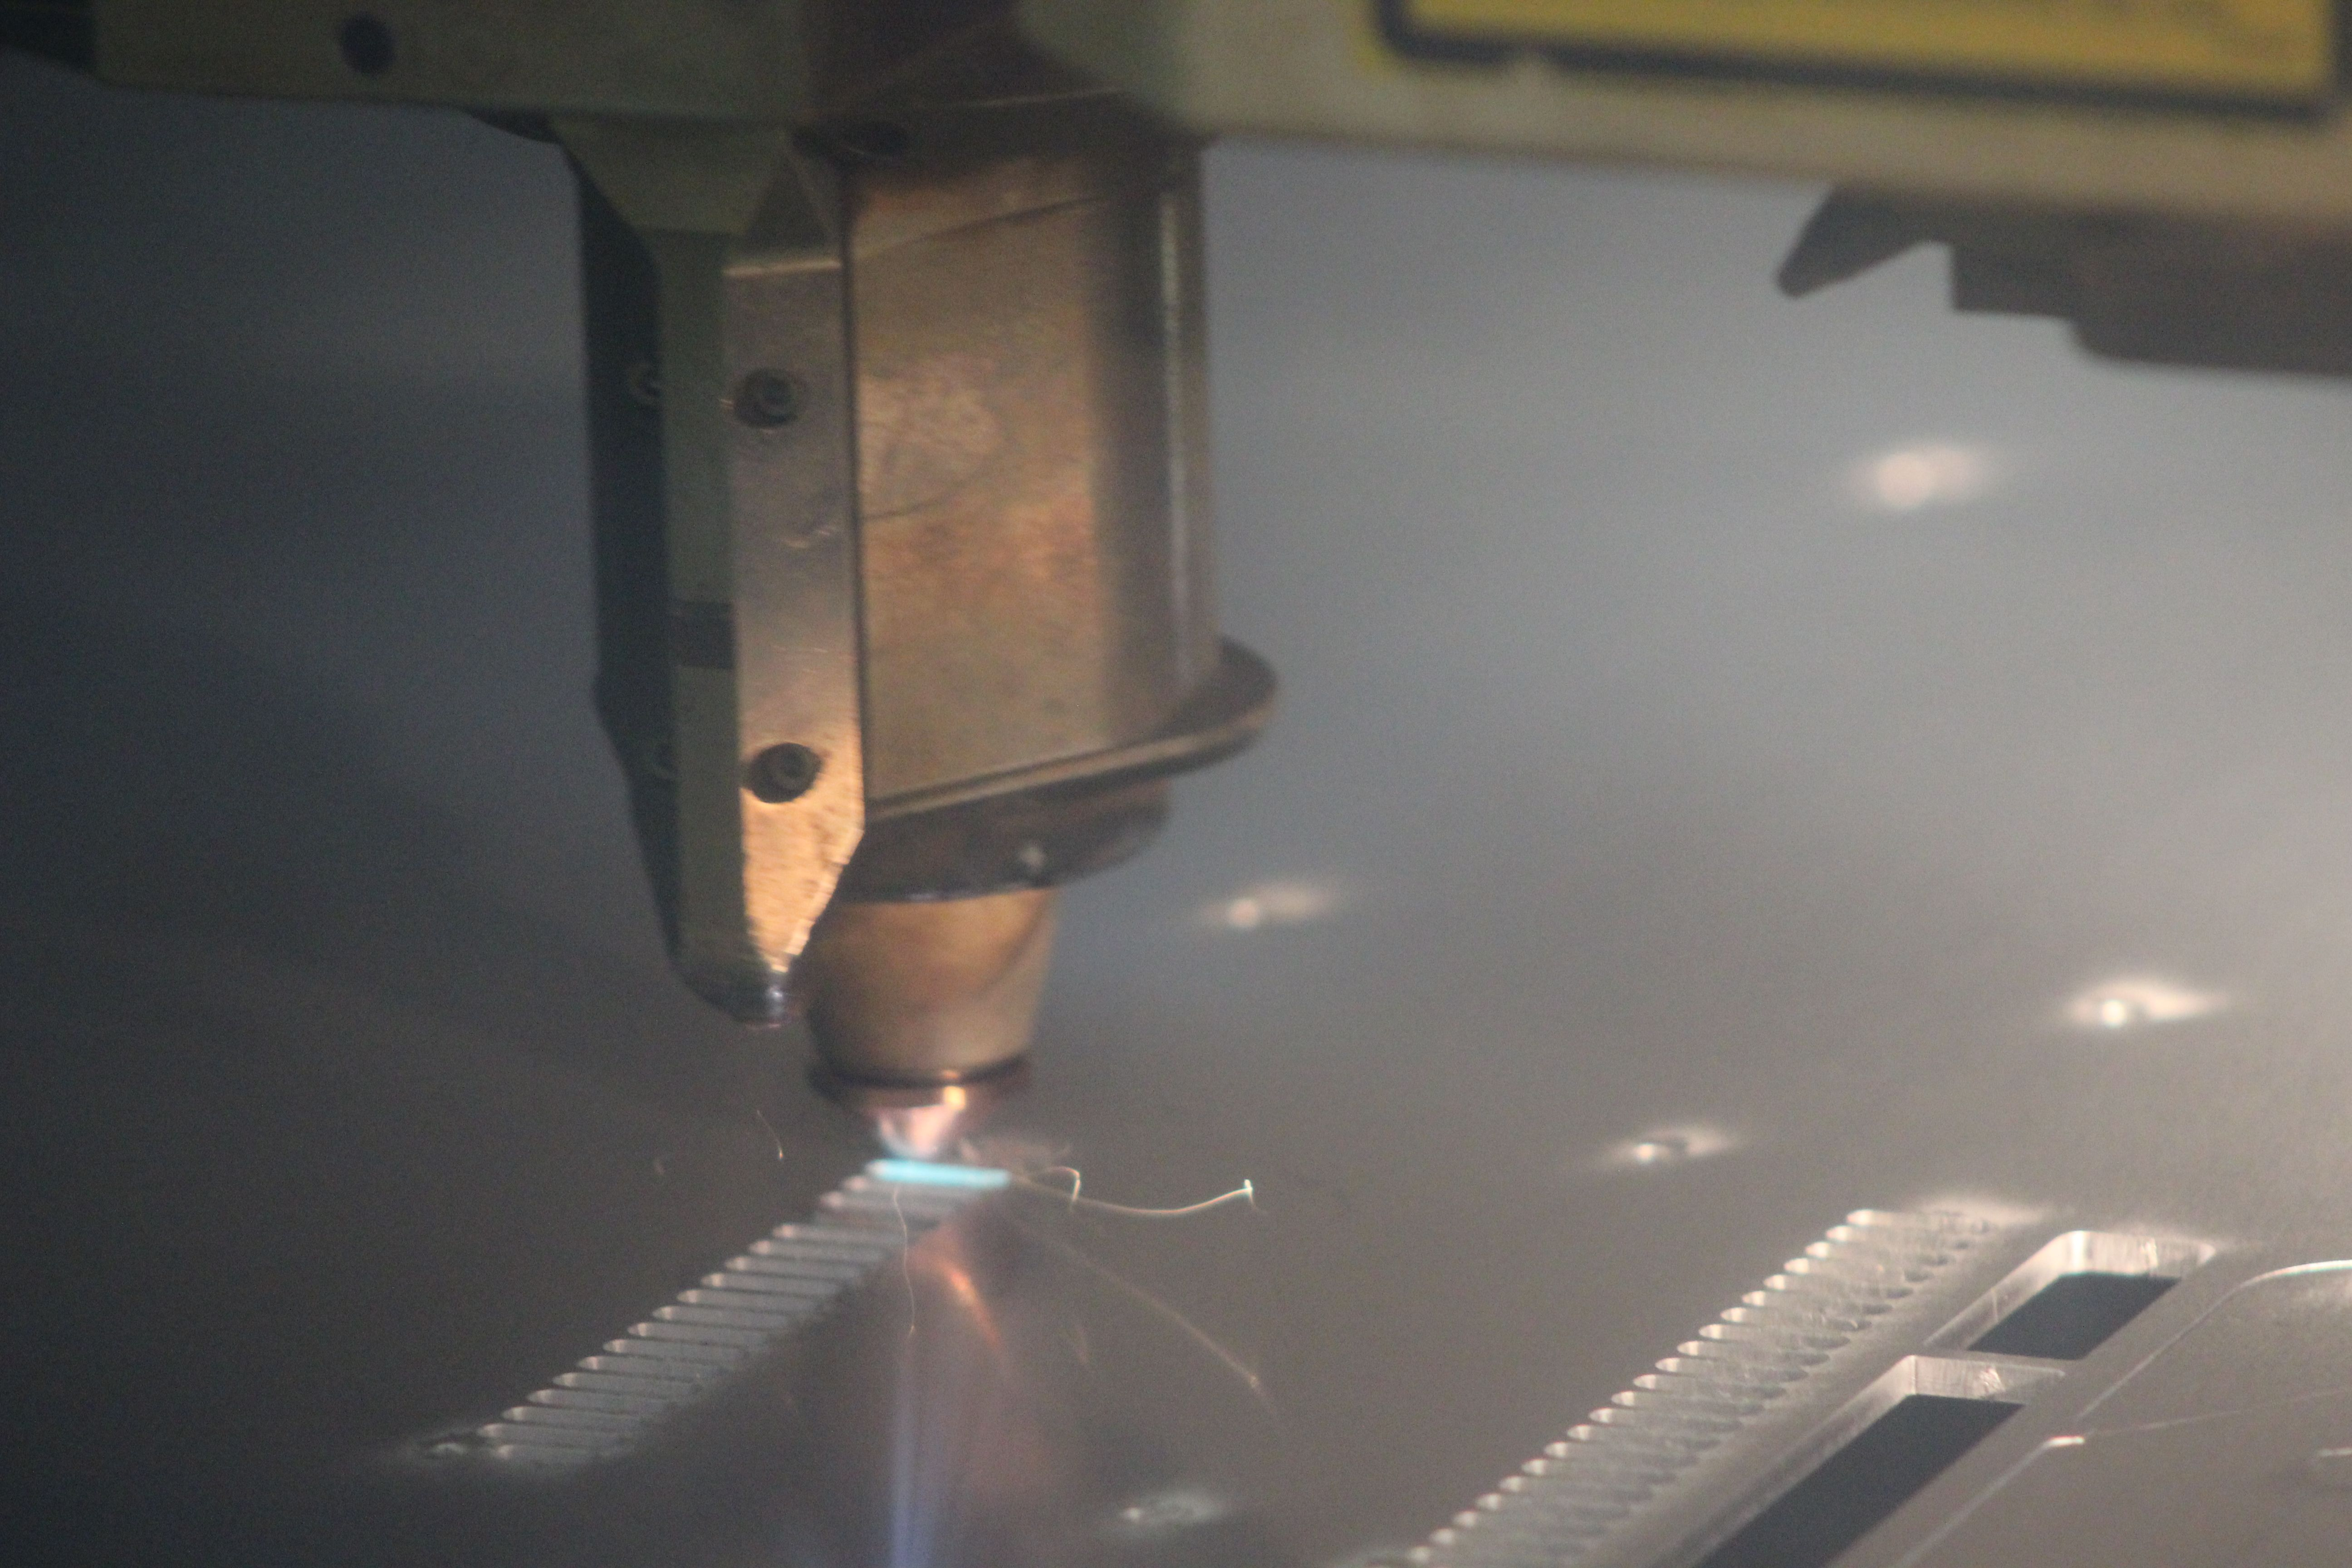 Empezamos la semana en Lasertall ofreciendo nuestros servicios.  El corte por haz láser es un proceso de corte térmico que utiliza fundición o vaporización altamente localizada para cortar el metal con el calor de un haz de luz coherente, generalmente con la asistencia de un gas de alta presión.   Si quieres saber más sobre nosotros, entra en nuestra web. http://www.lasertall.com/